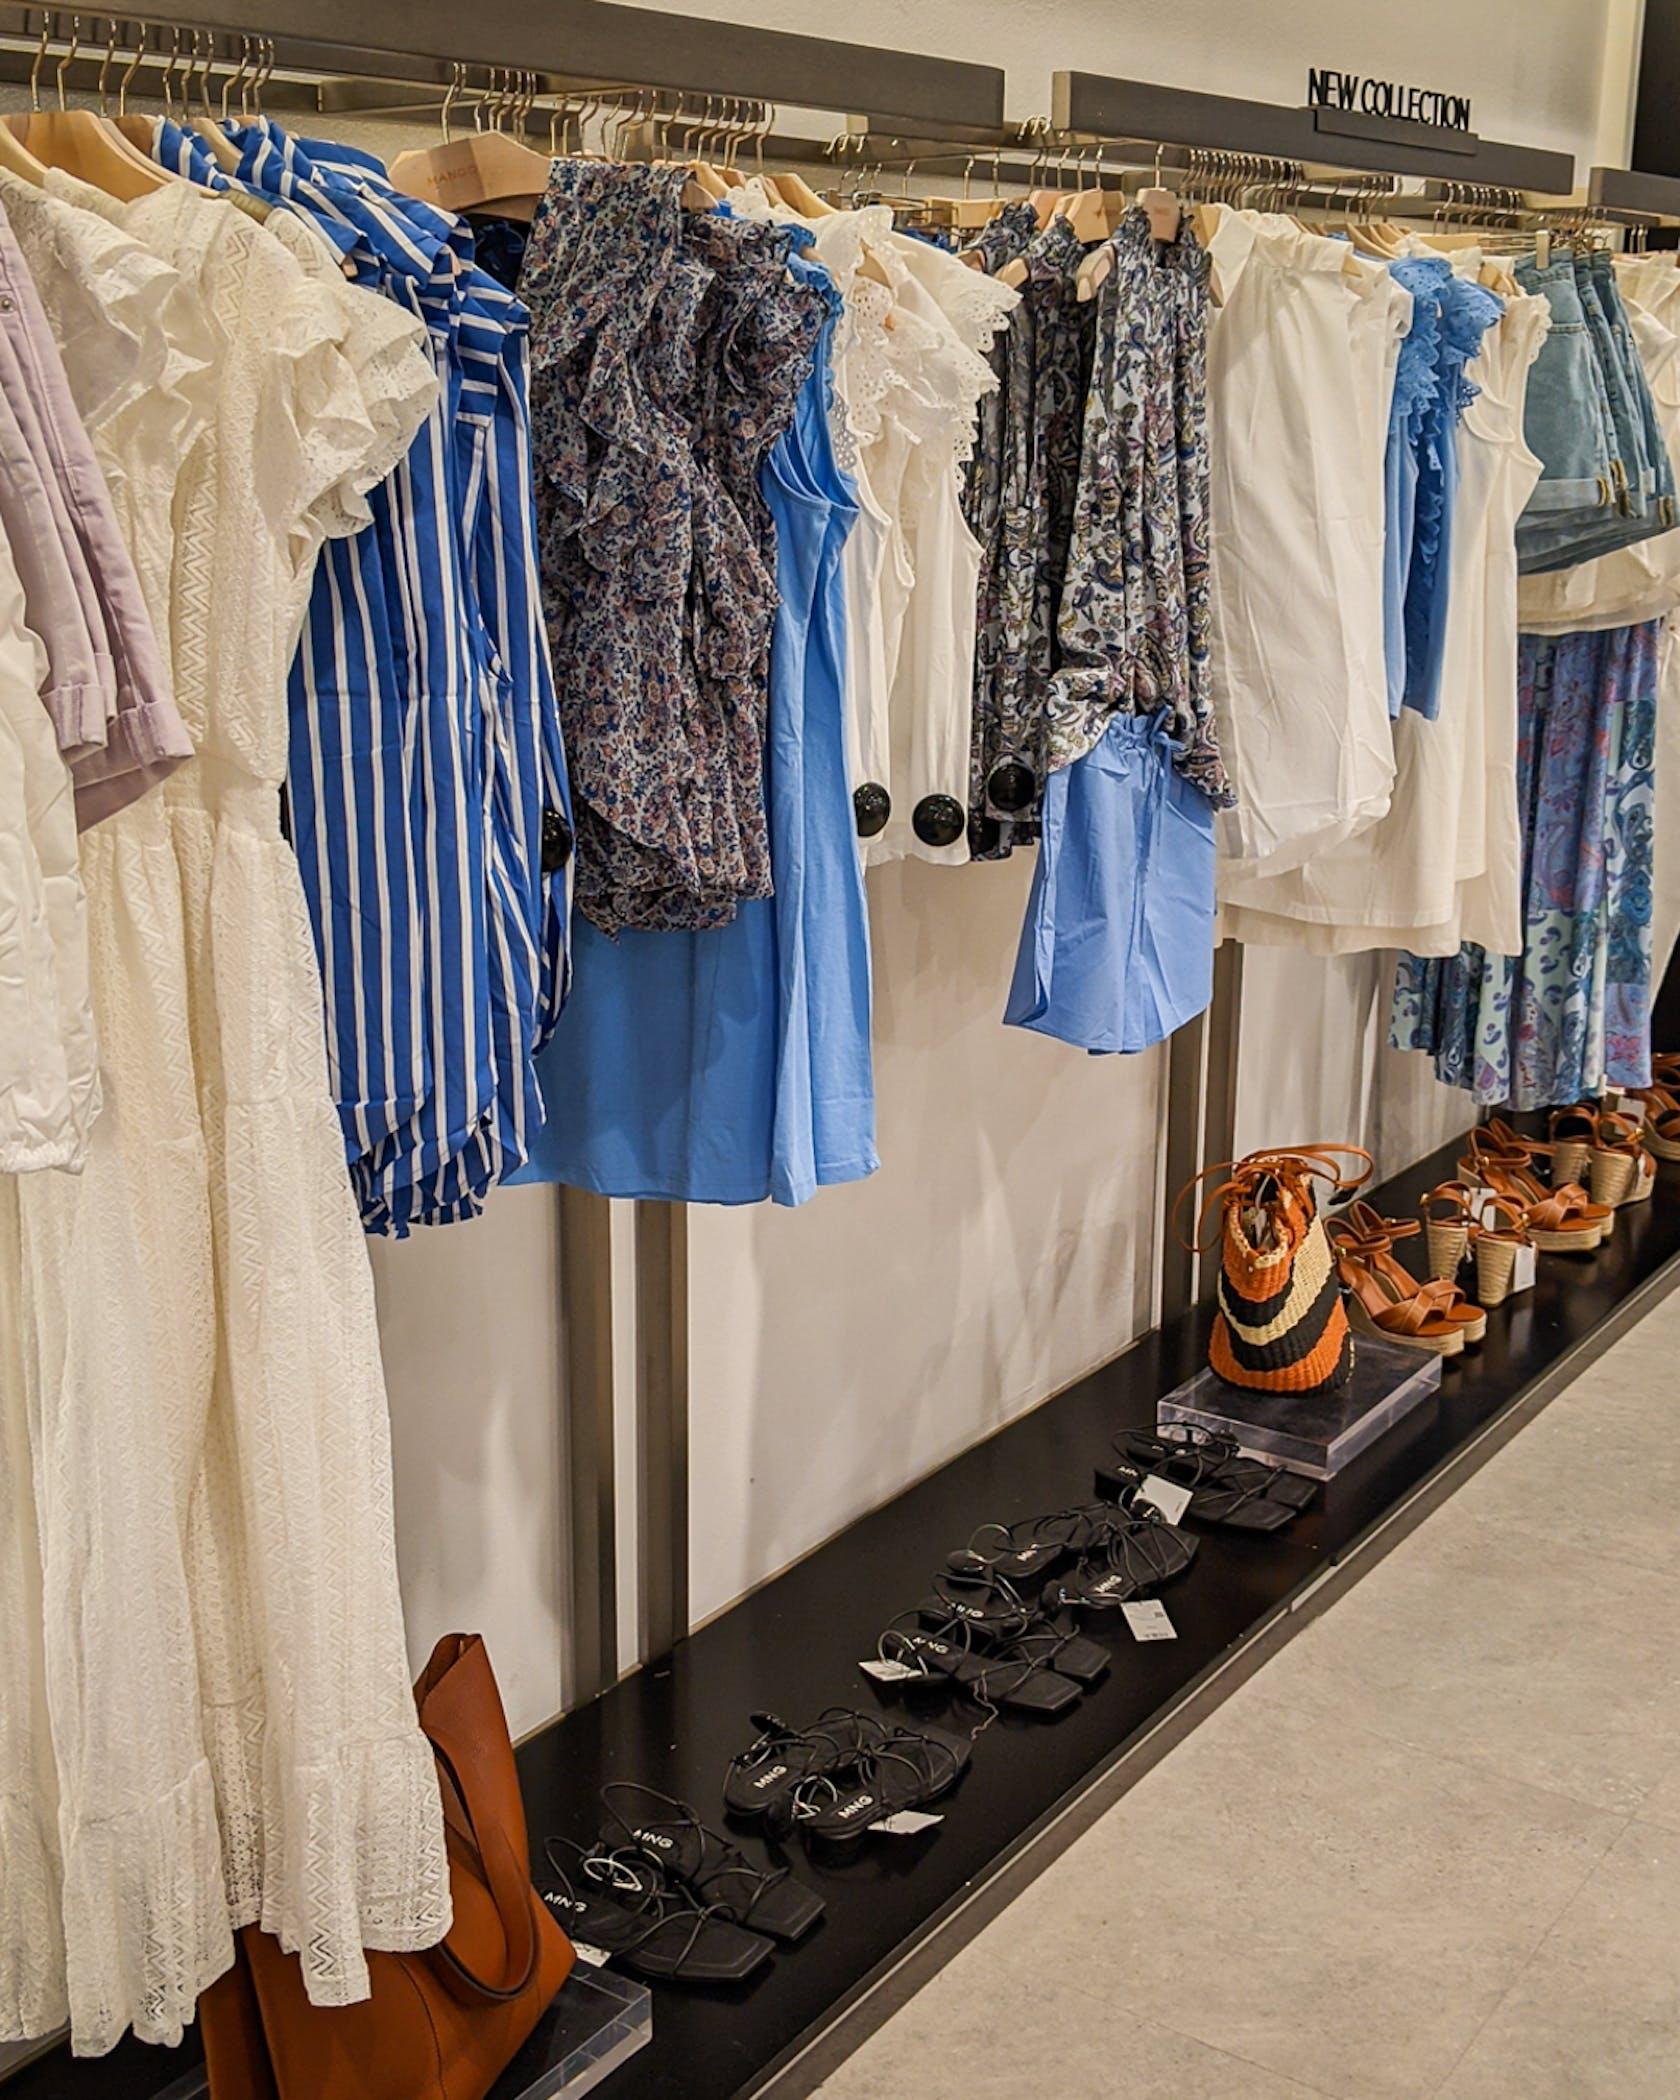 verschiedene, sommerliche Kleidungsstücke für Damen